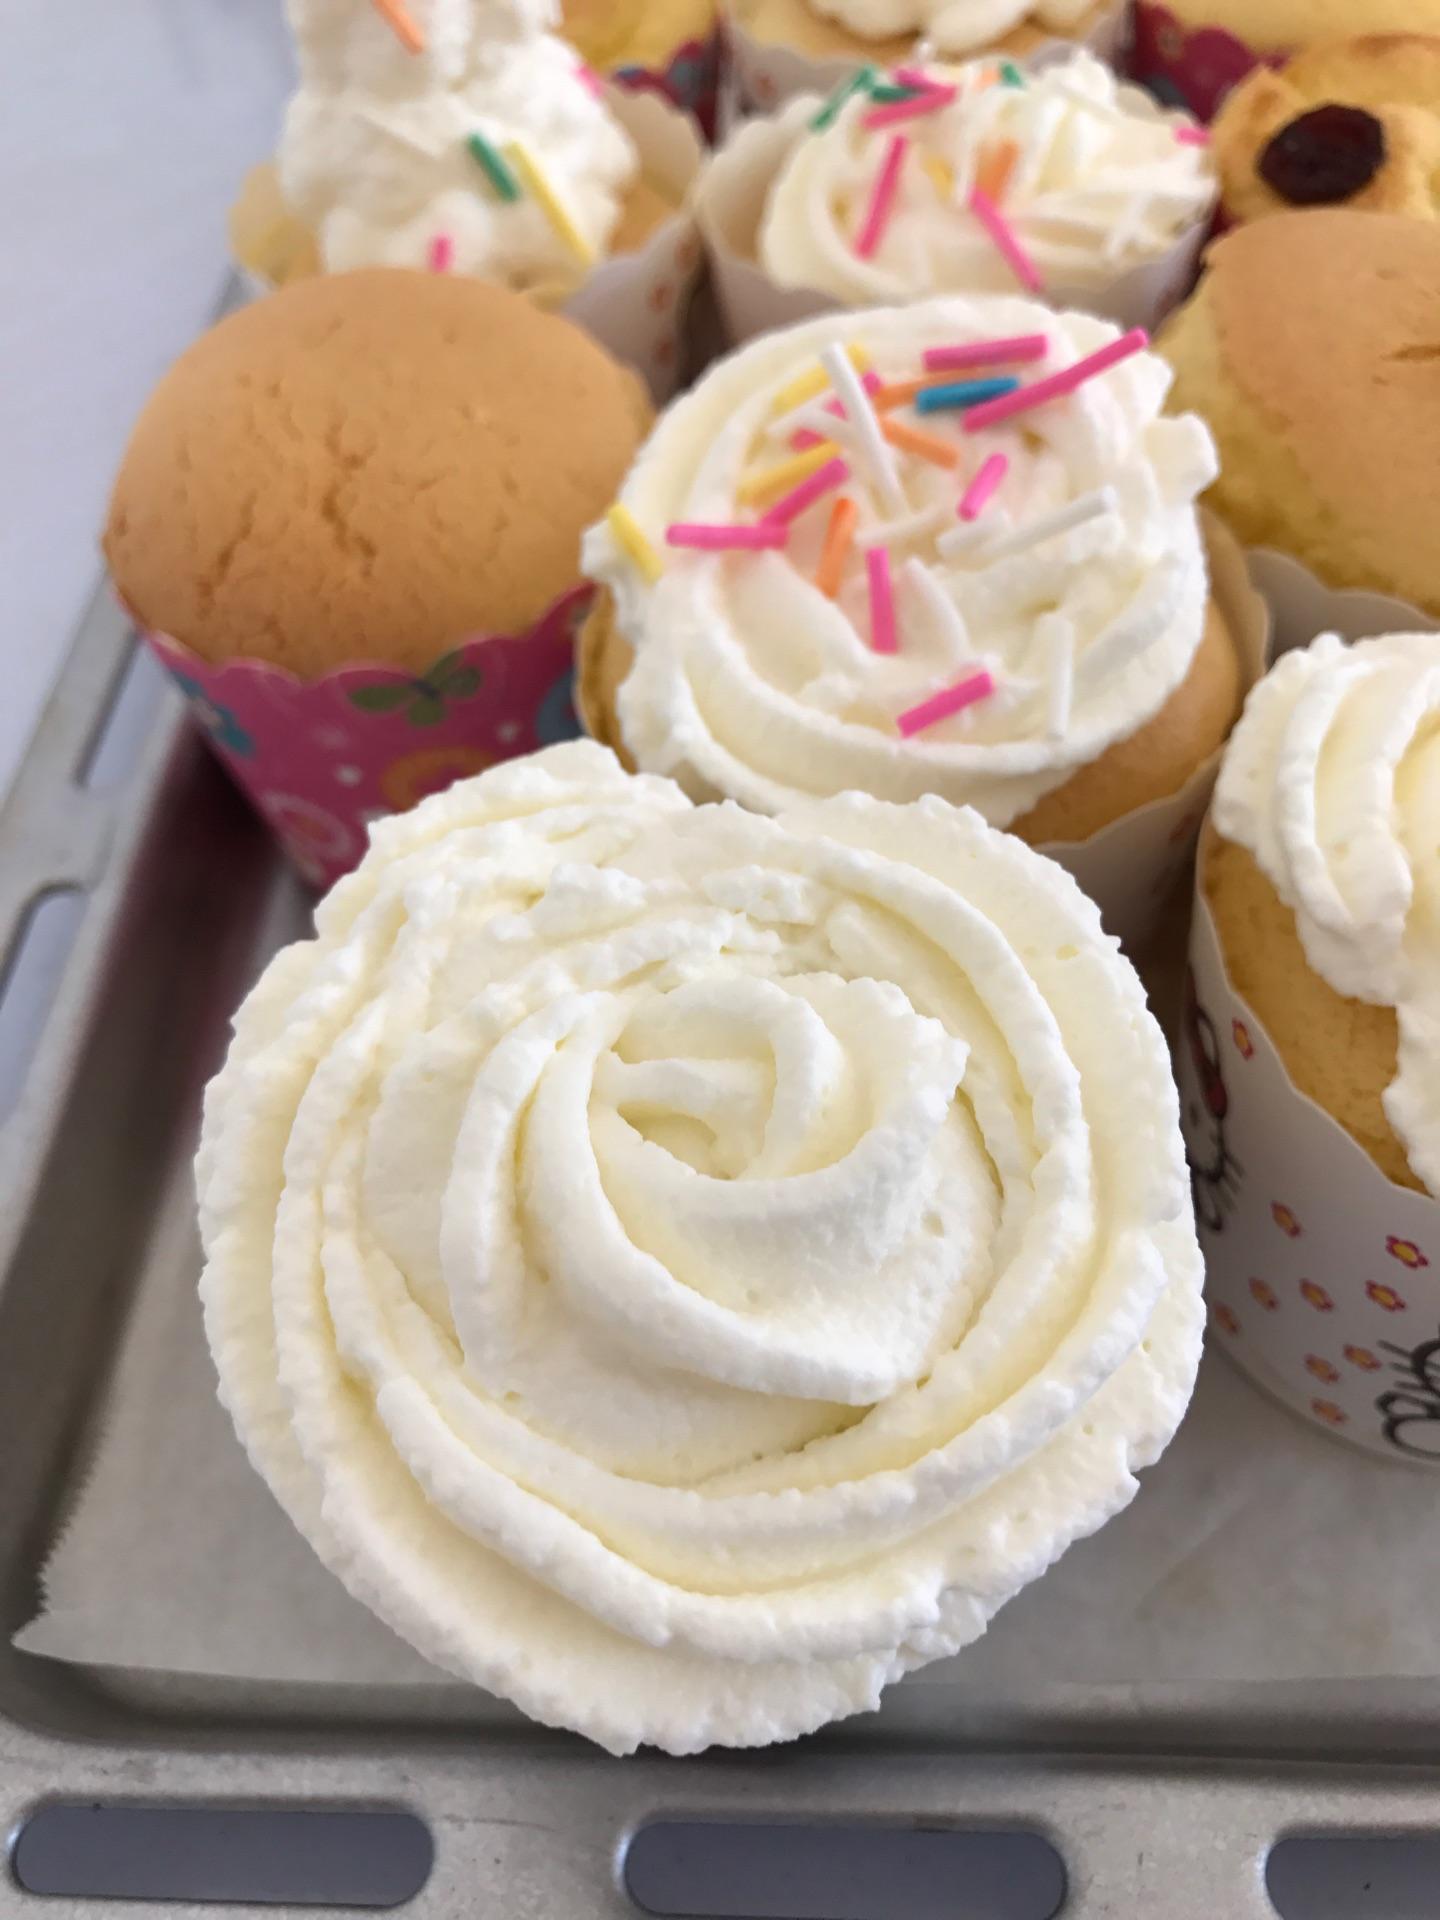 奶油纸杯蛋糕的做法_【图解】奶油纸杯蛋糕怎么做如何